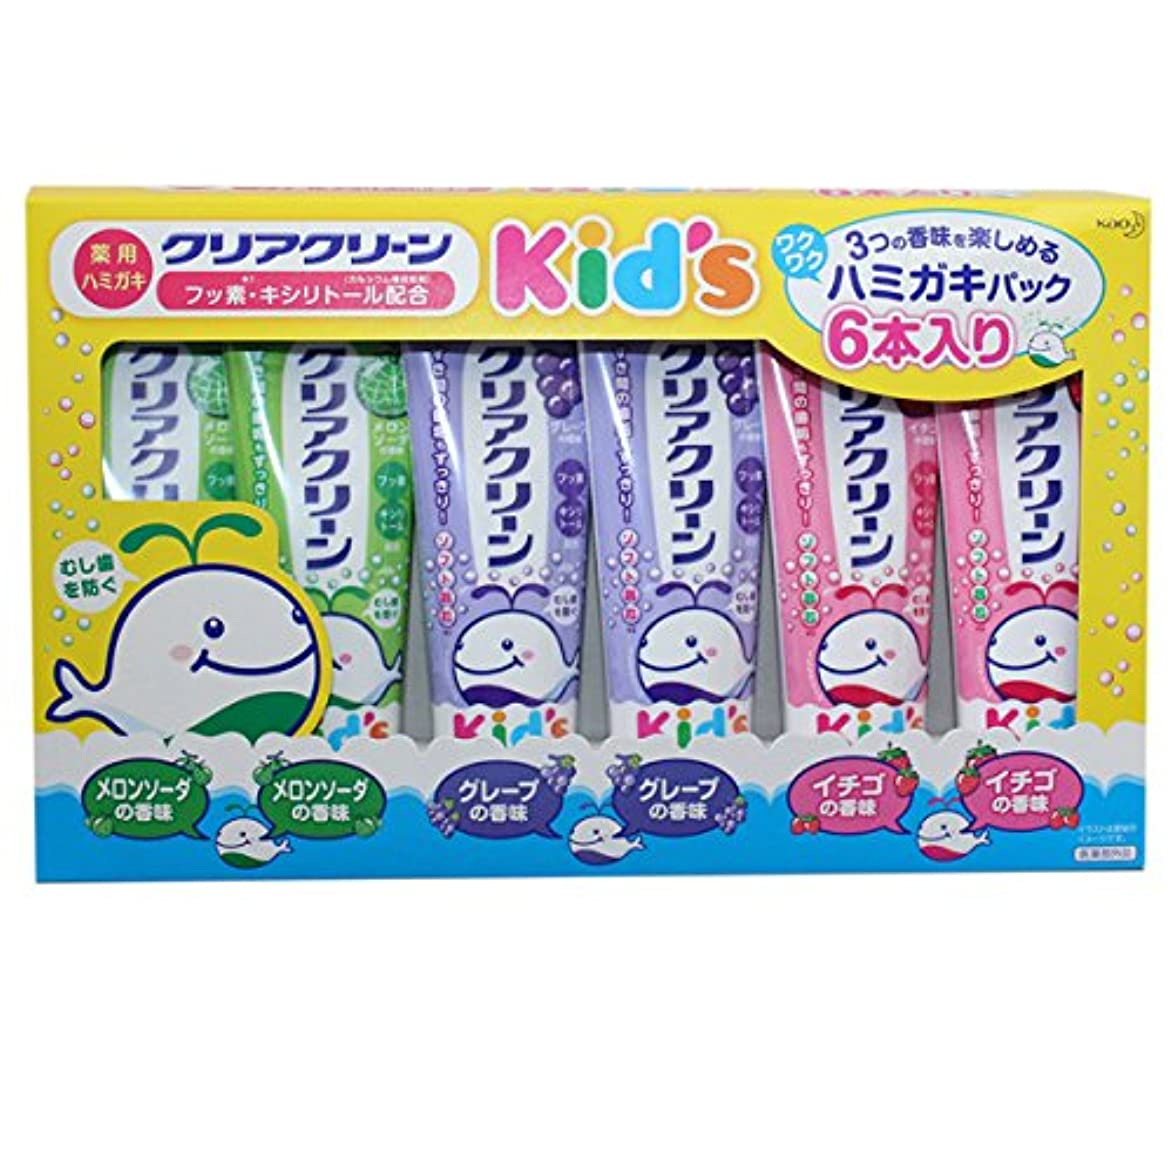 皮アベニューテレビを見るクリアクリーン kids 70gx6本セット 3つの香味を楽しめる(メロンソーダ/グレープ/イチゴ) 子供用歯磨き粉